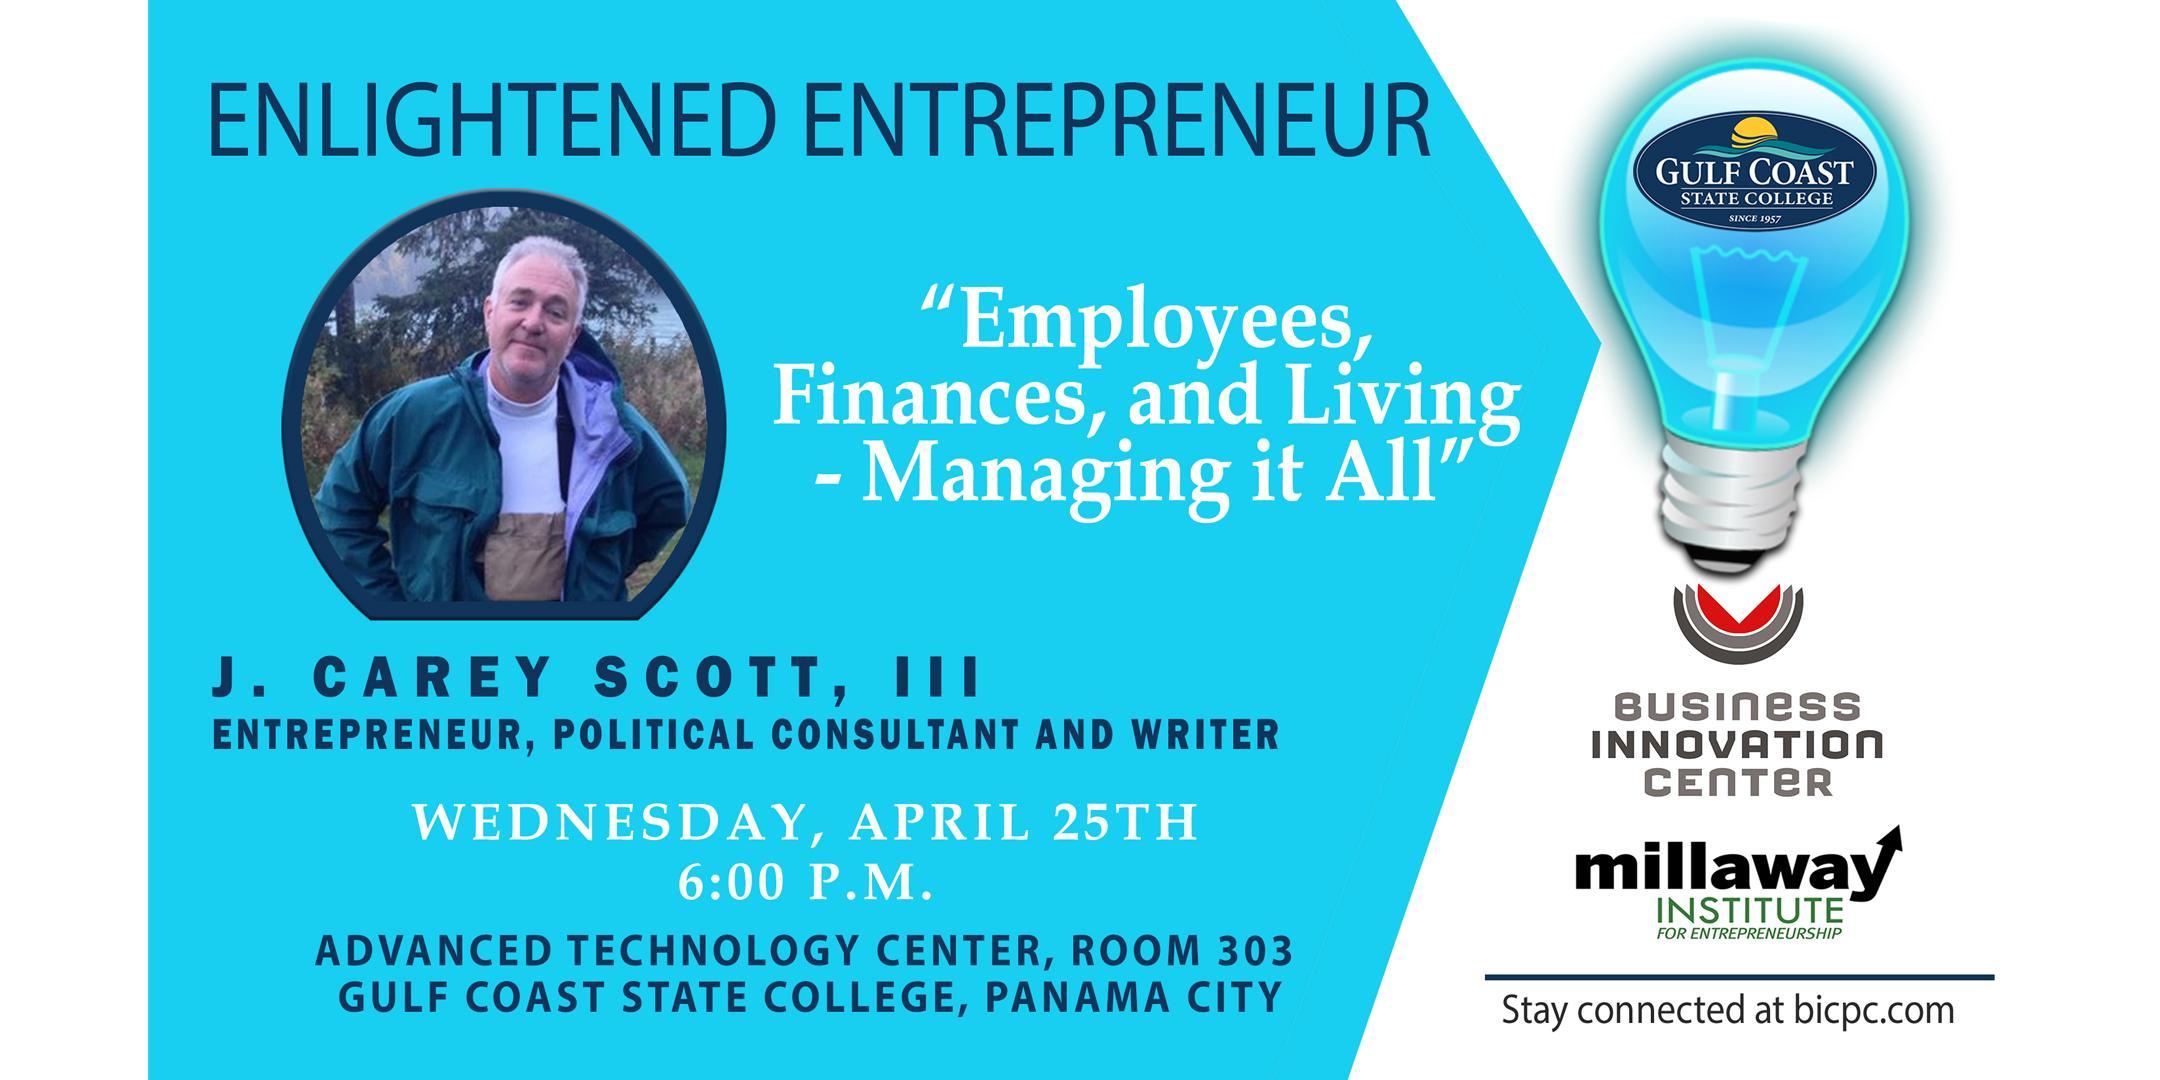 Enlightened Entrepreneur: Employees, Finances